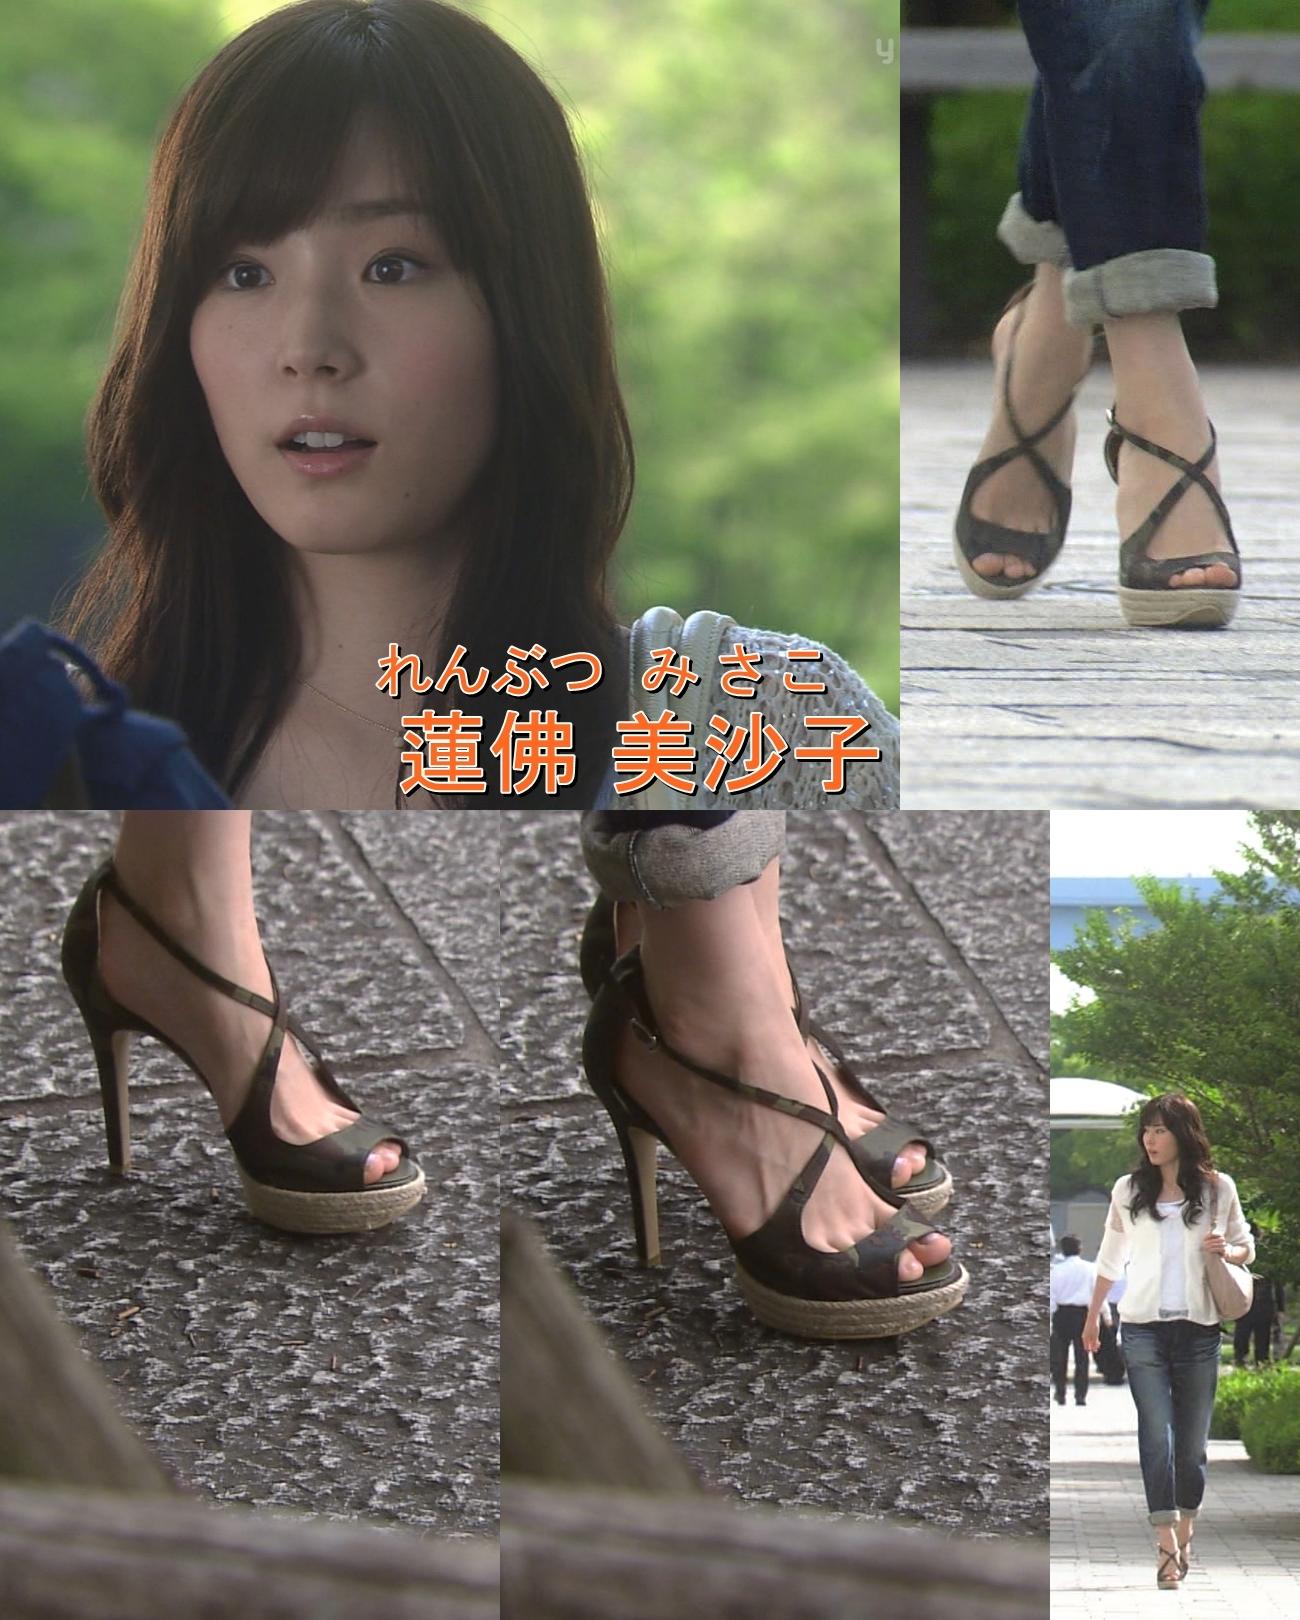 蓮佛美沙子misako_renbutsu(画像あり) | 蓮佛美沙子, 女優, 白鶴 |Misako Renbutsu Q10